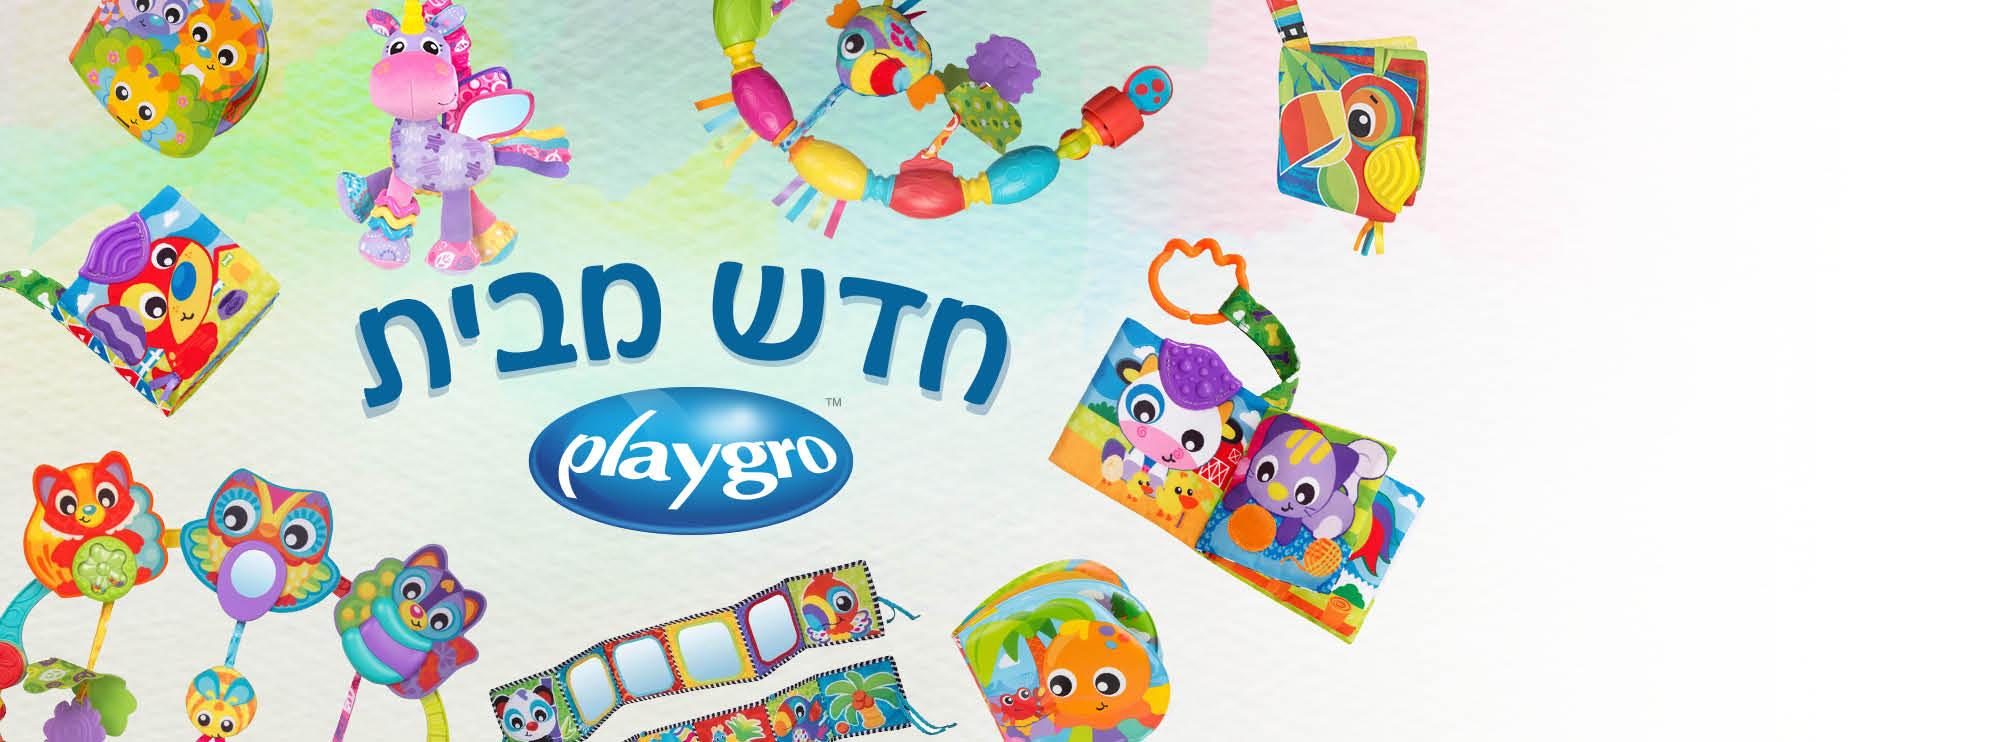 14 2 2 toys2 2, סקייטבורד, יצירות, צעצועי תינוקות פלייגרו, מוצרי שיער ברבי